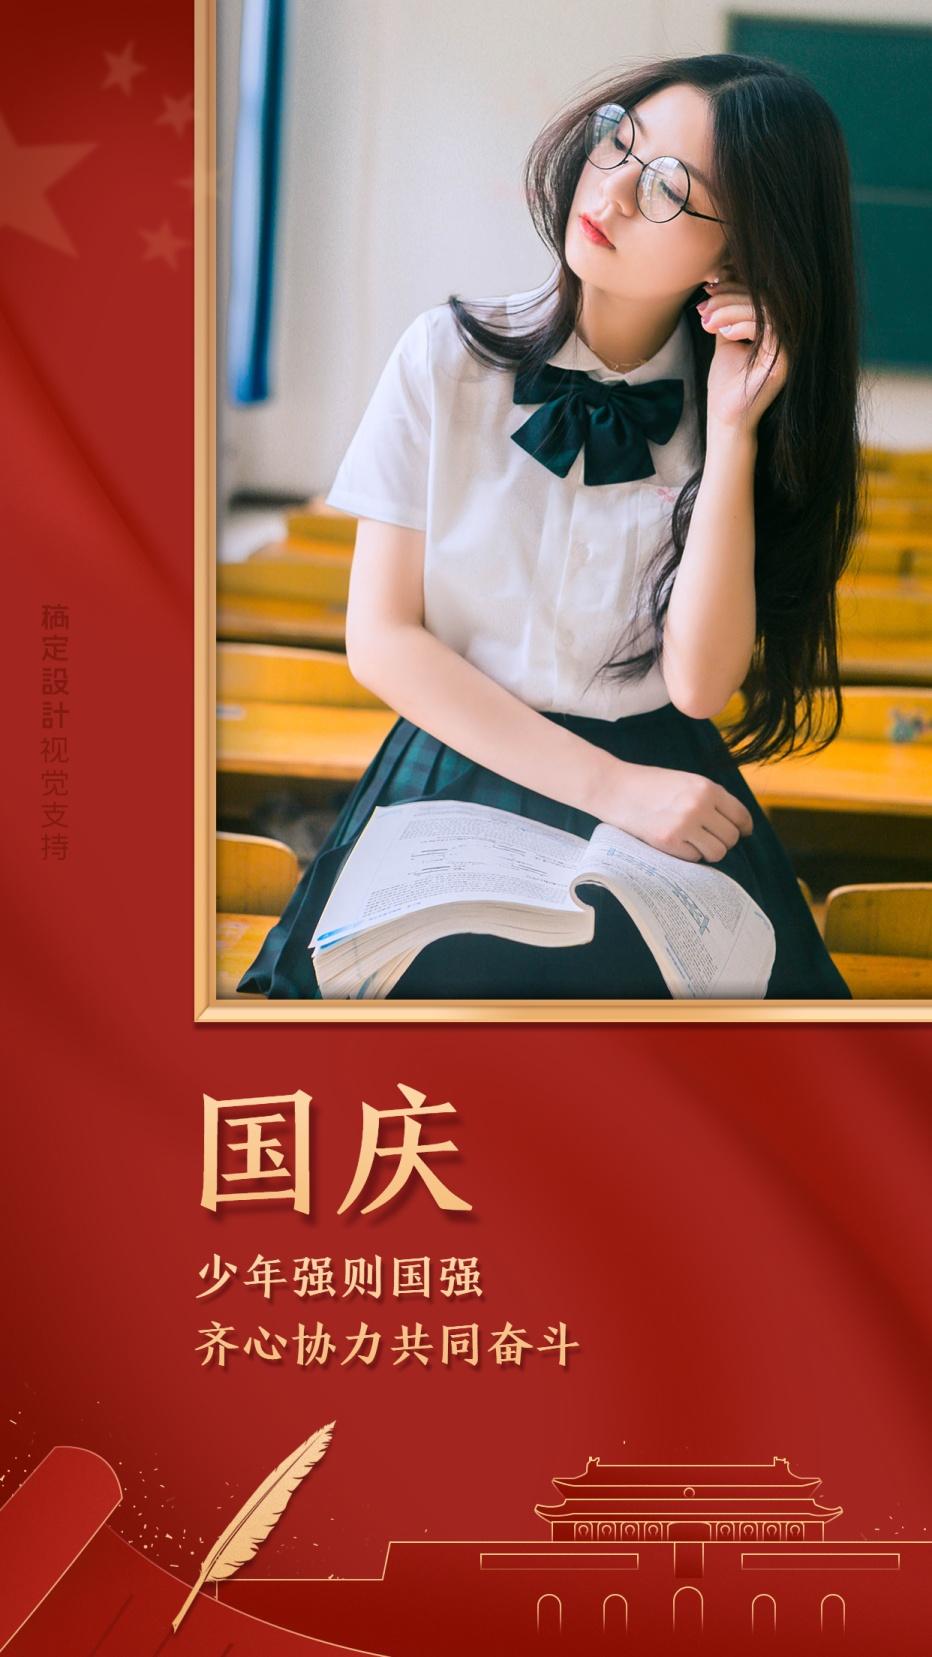 国庆祝福教育宣传海报